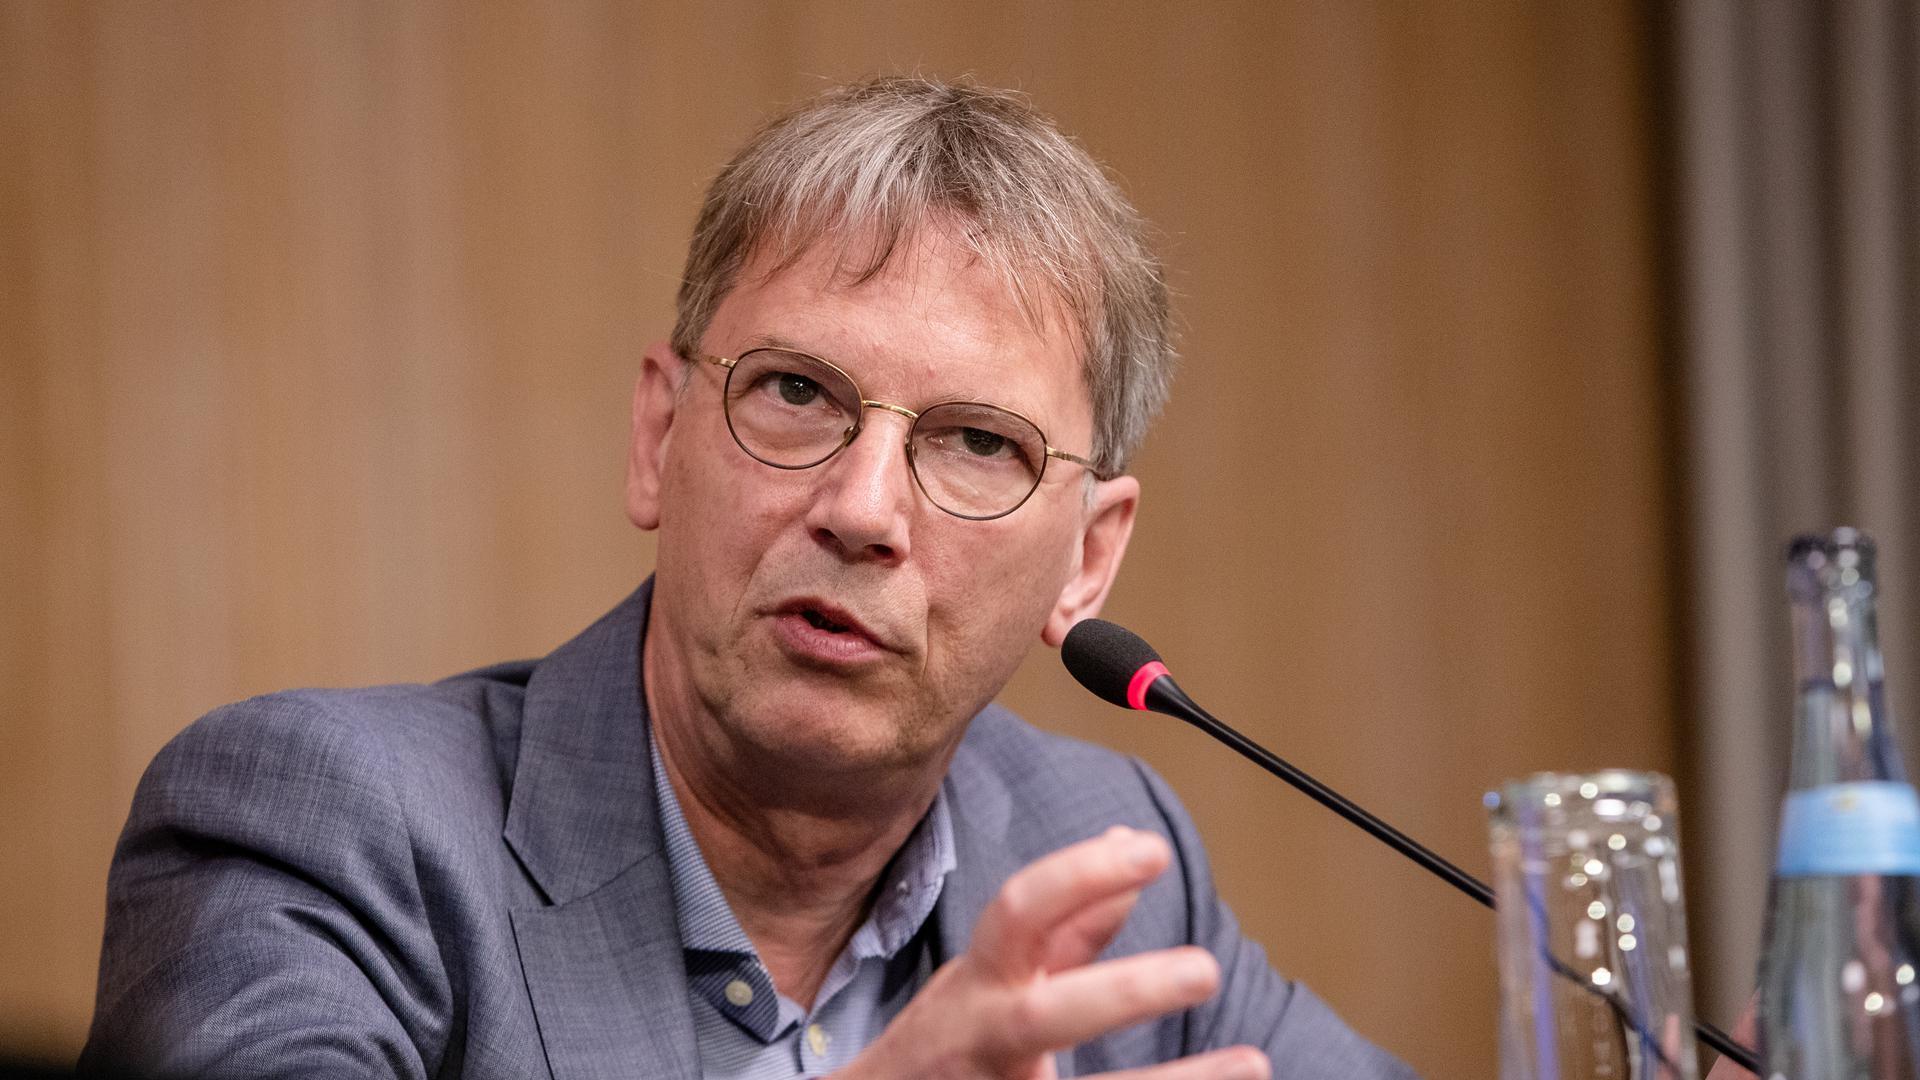 Als Experte gefragt: Mit weiteren Wissenschaftlern sitzt Virologe Hans-Georg Kräusslich in einem Beratergremium der baden-württembergischen Landesregierung.